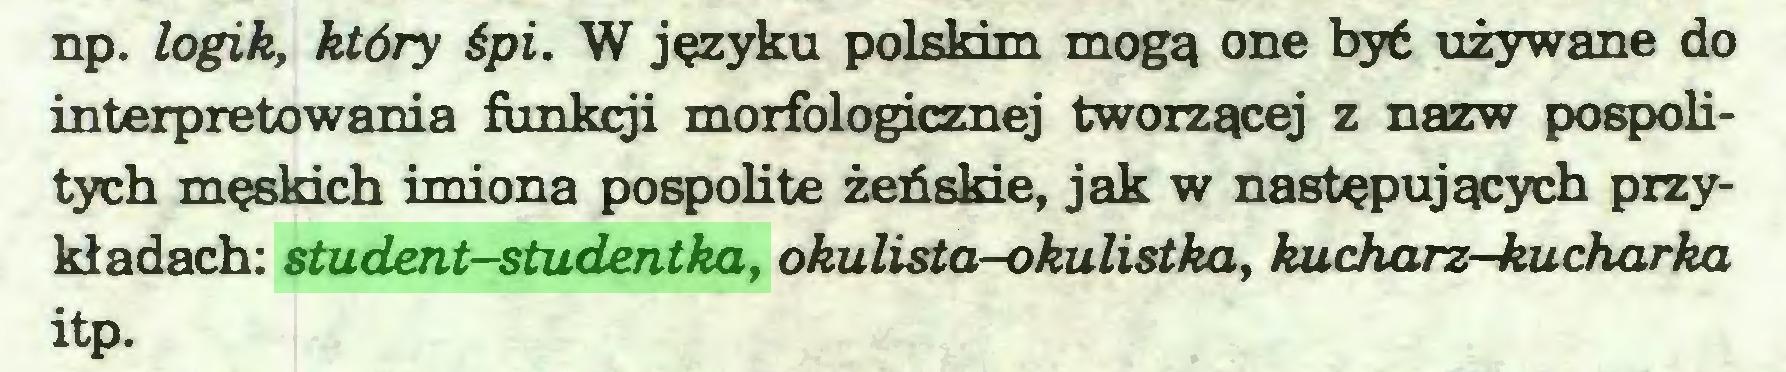 (...) np. logik, który śpi. W języku polskim mogą one być używane do interpretowania funkcji morfologicznej tworzącej z nazw pospolitych męskich imiona pospolite żeńskie, jak w następujących przykładach: student-studentka, okulista-okulistka, kucharz—kucharka itp...